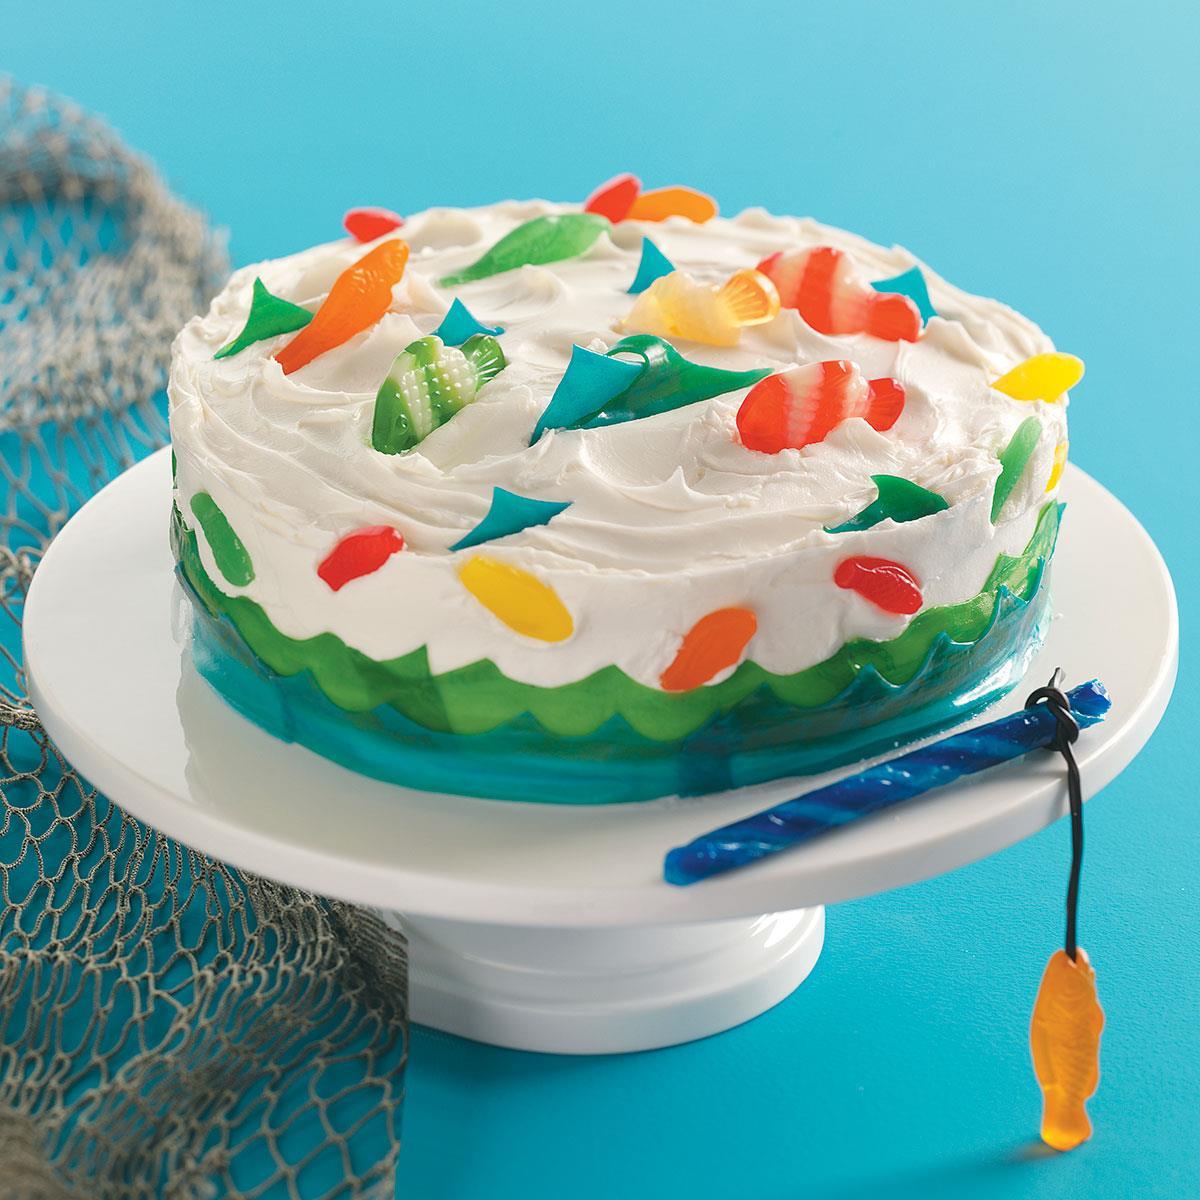 Ocean Cake | Taste of Home